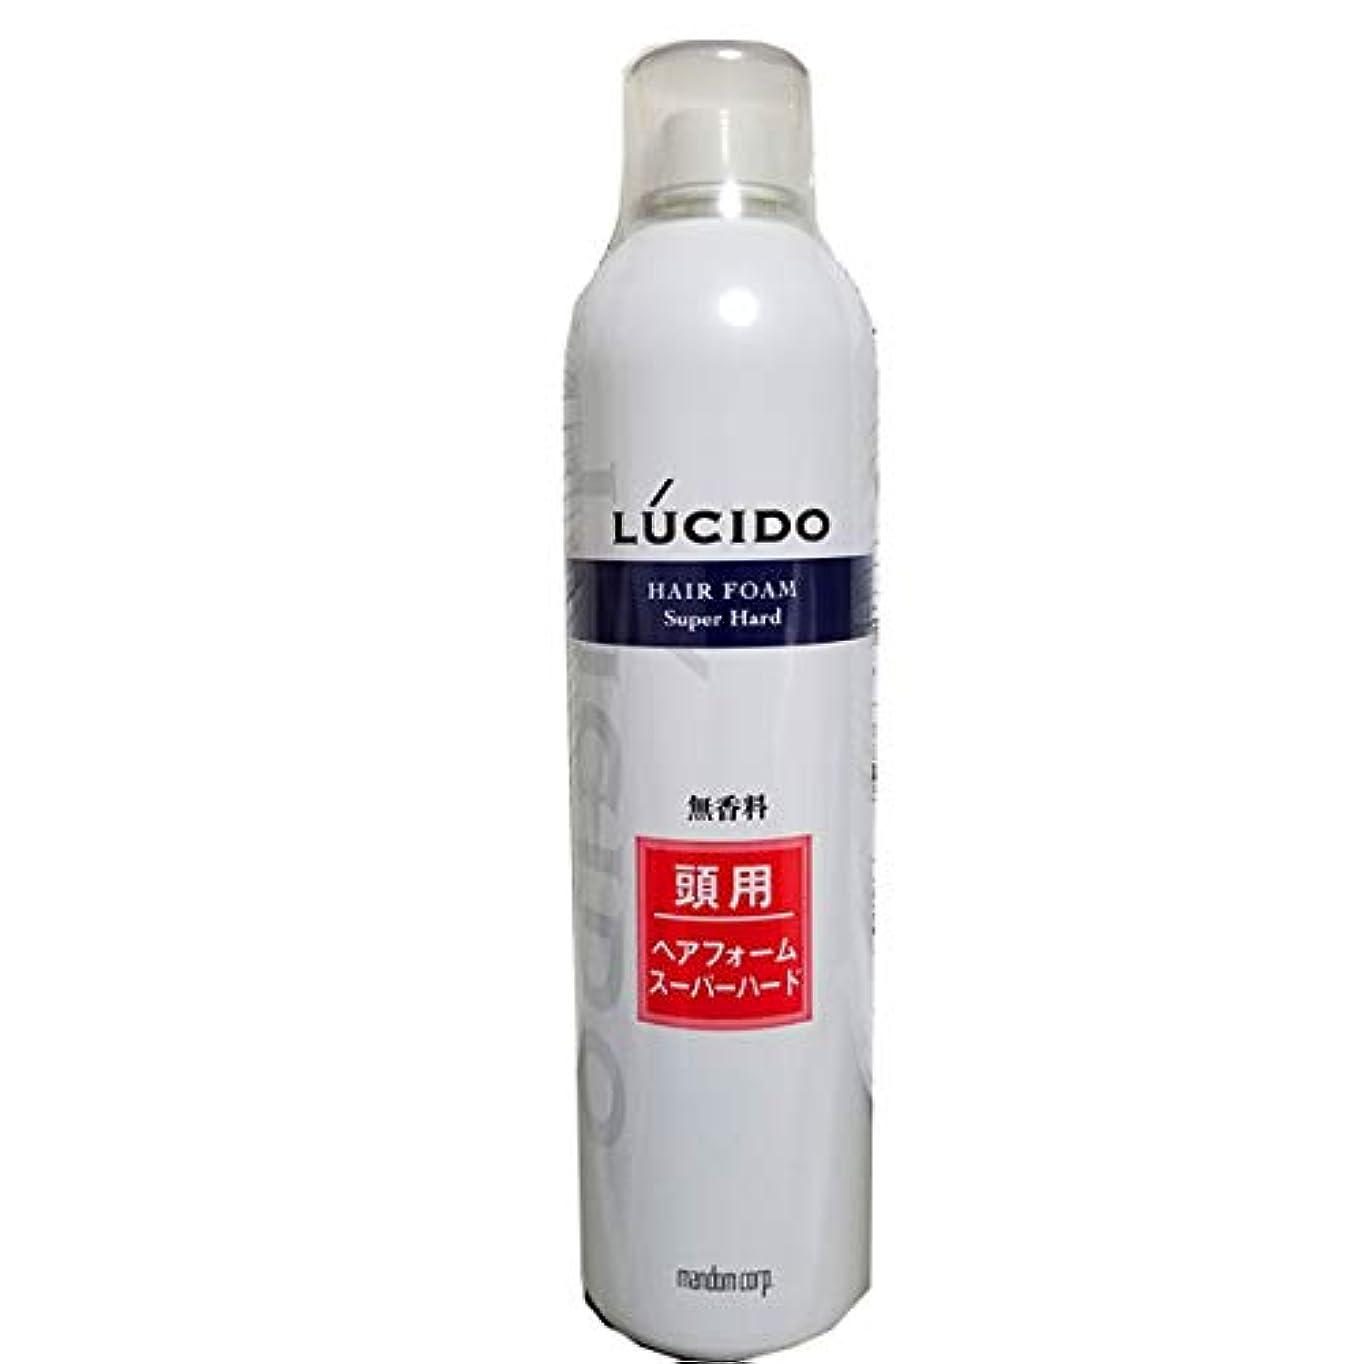 規則性役立つ生息地ルシード ヘアフォーム スーパーハードO 400g 業務用 40才からの髪に。 マンダム